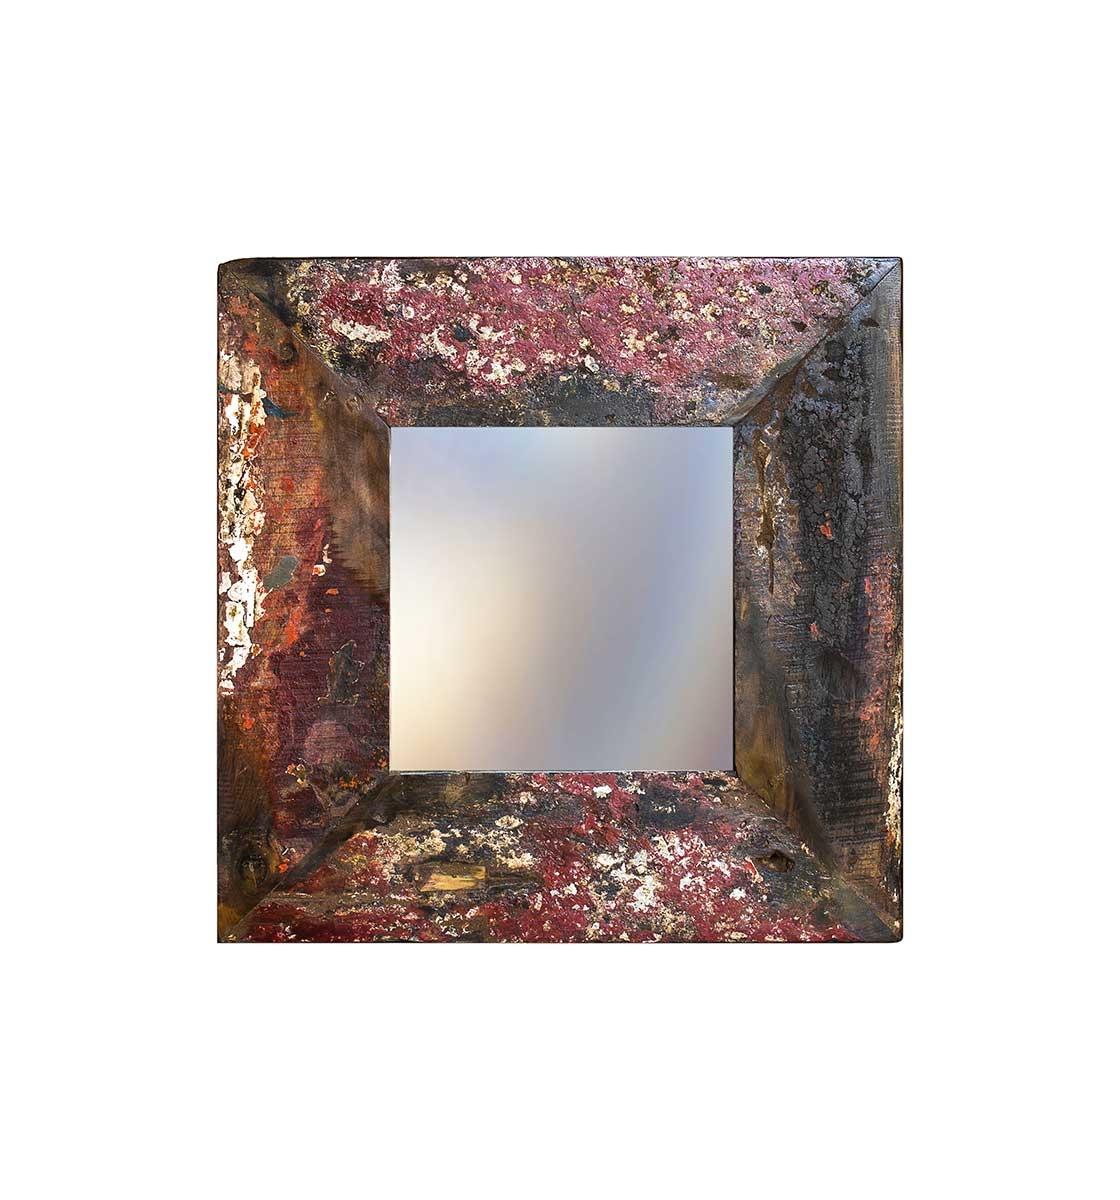 Зеркало Свет мой зеркальцеНастенные зеркала<br>Зеркало выполнено из фрагментов настоящего рыболовецкого судна, возраст которого 20-40 лет. Окрас сохранён оригинальный.<br><br>Material: Тик<br>Width см: 60<br>Depth см: 4<br>Height см: 60